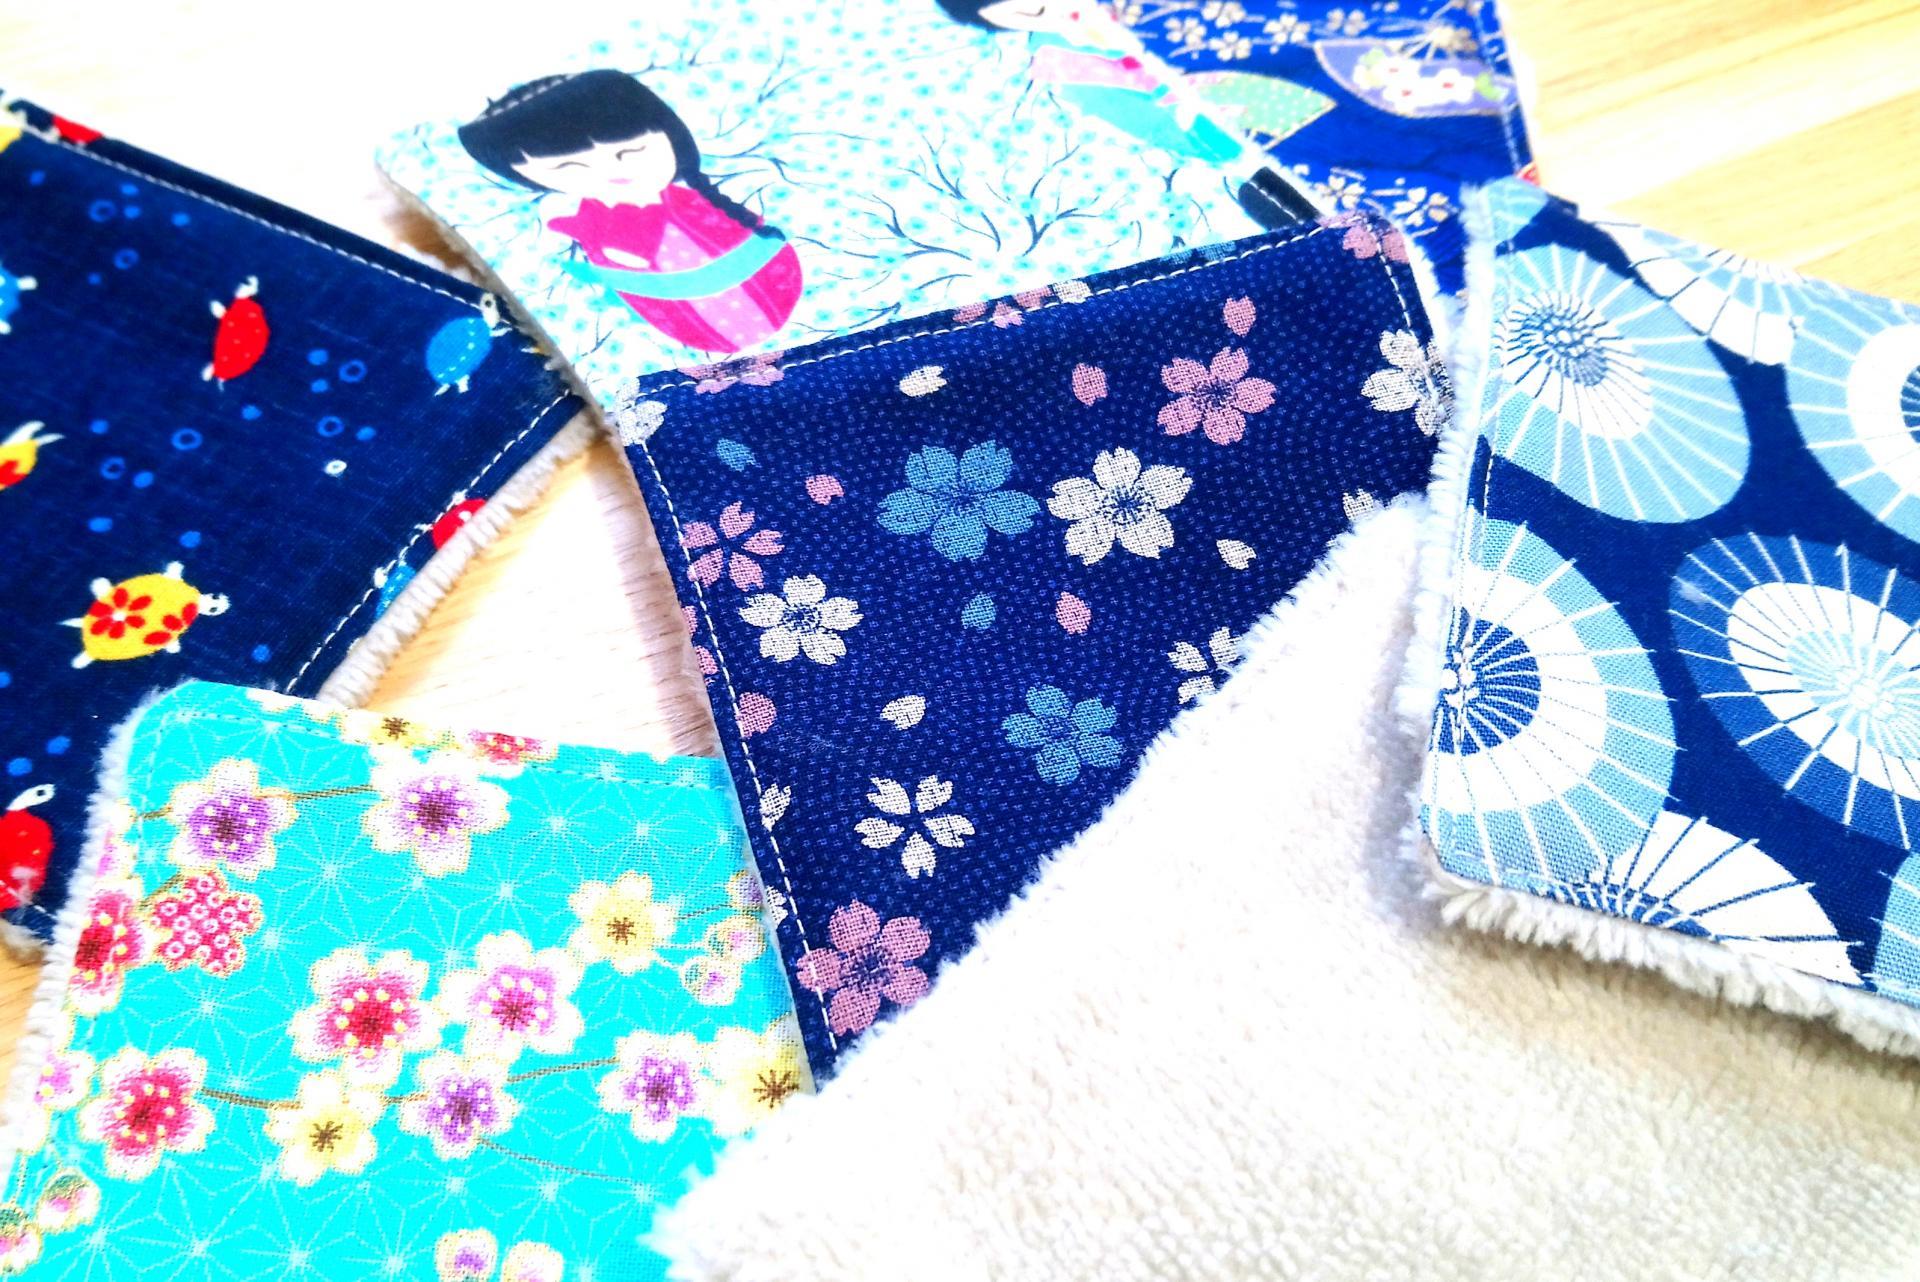 Lingette japon bleu 2020